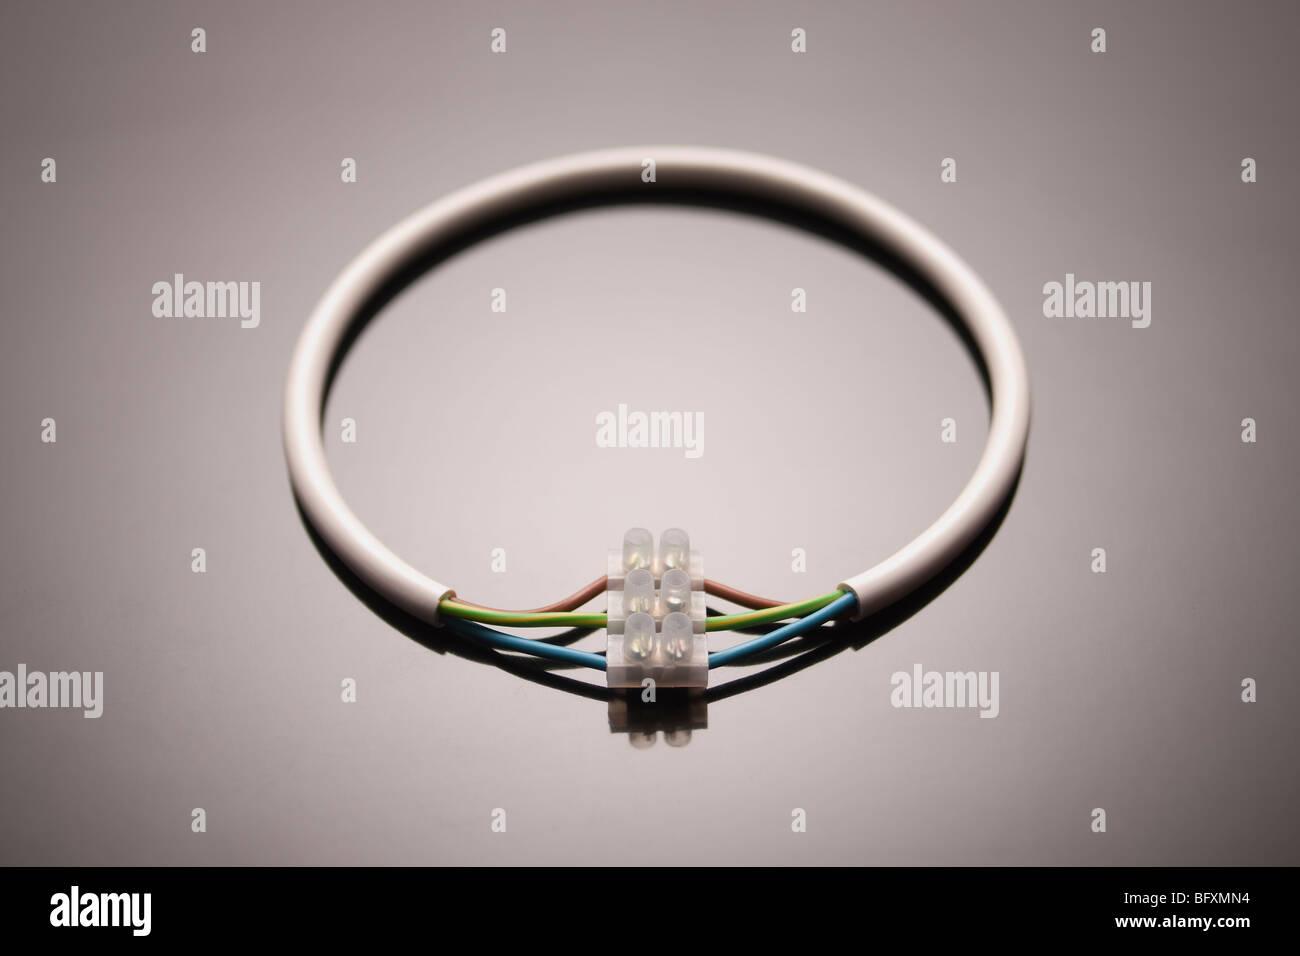 Un cercle de fil relié à lui-même Photo Stock